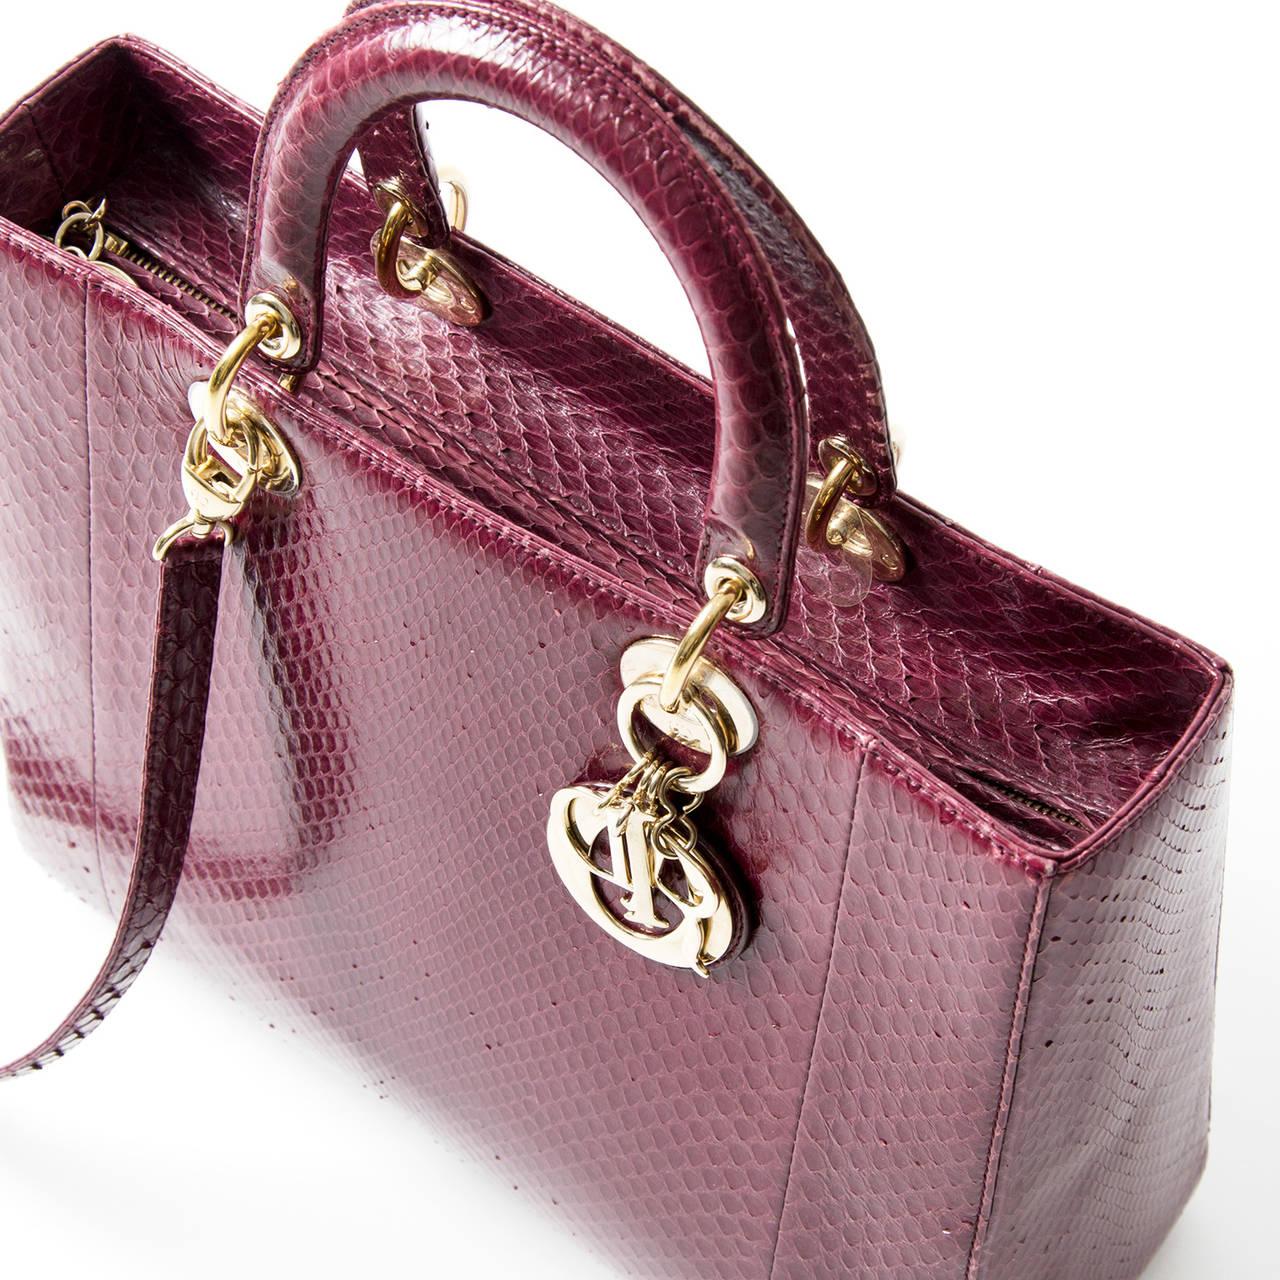 Lady Dior Mauve Python Bag For Sale 1